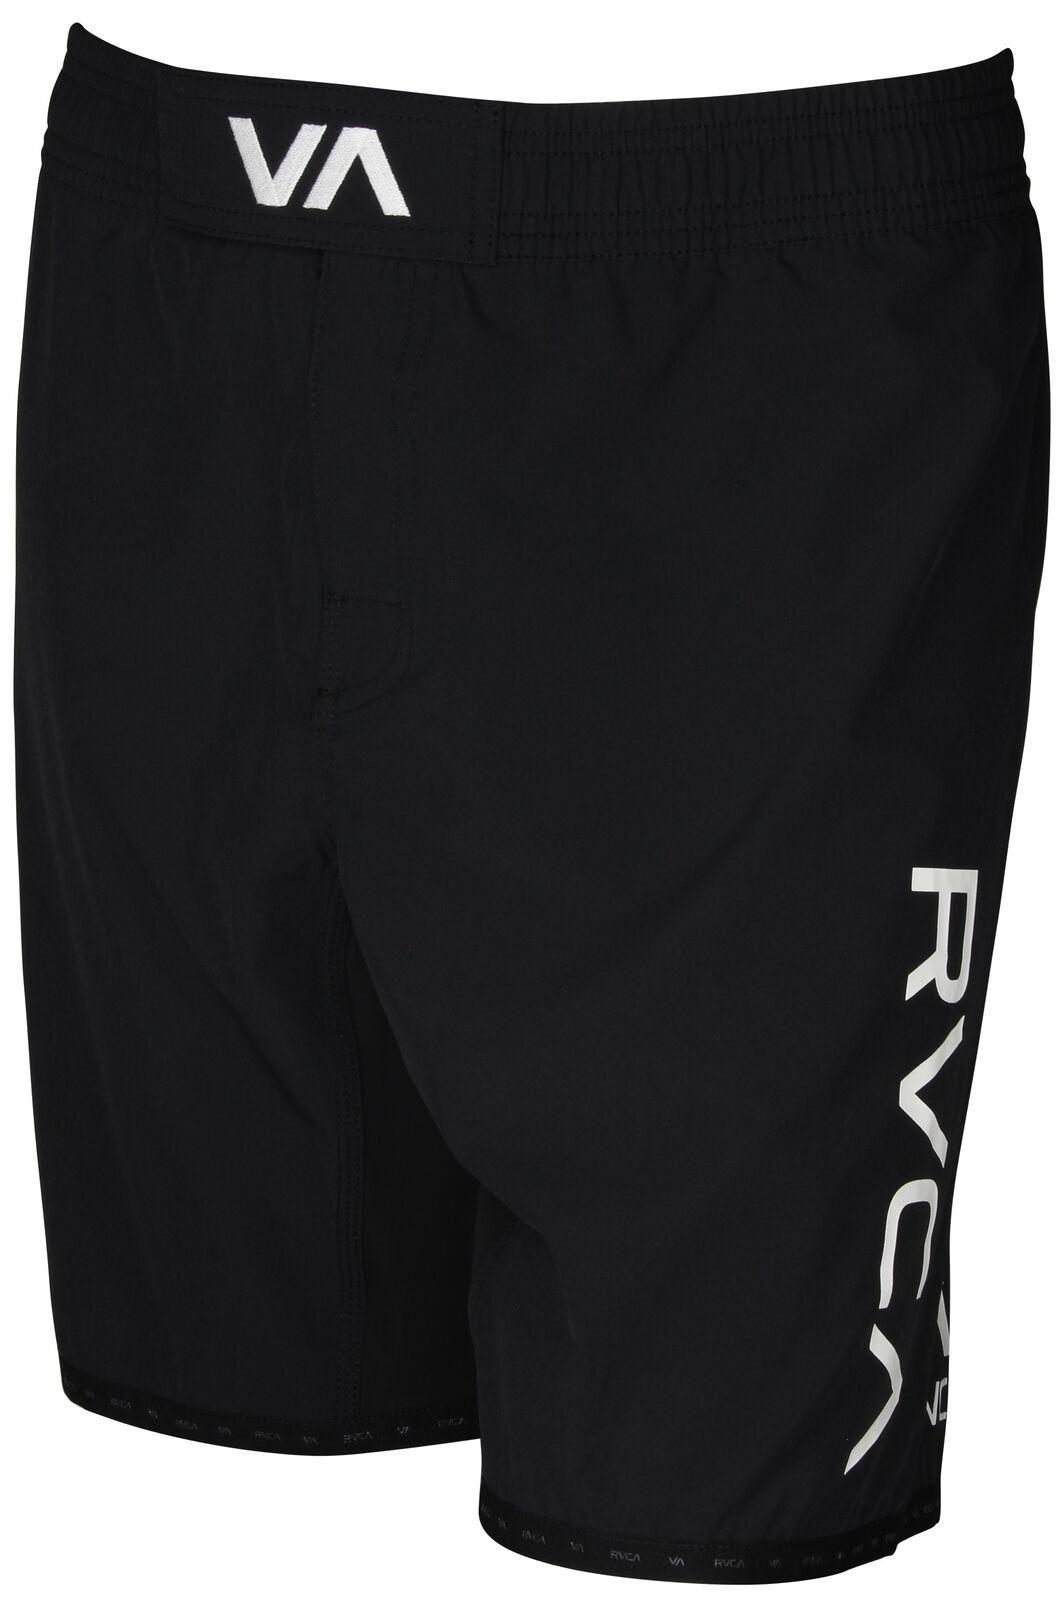 Rvca Herren Herren Herren VA Sport Kratzer Shorts - Schwarz 08c970